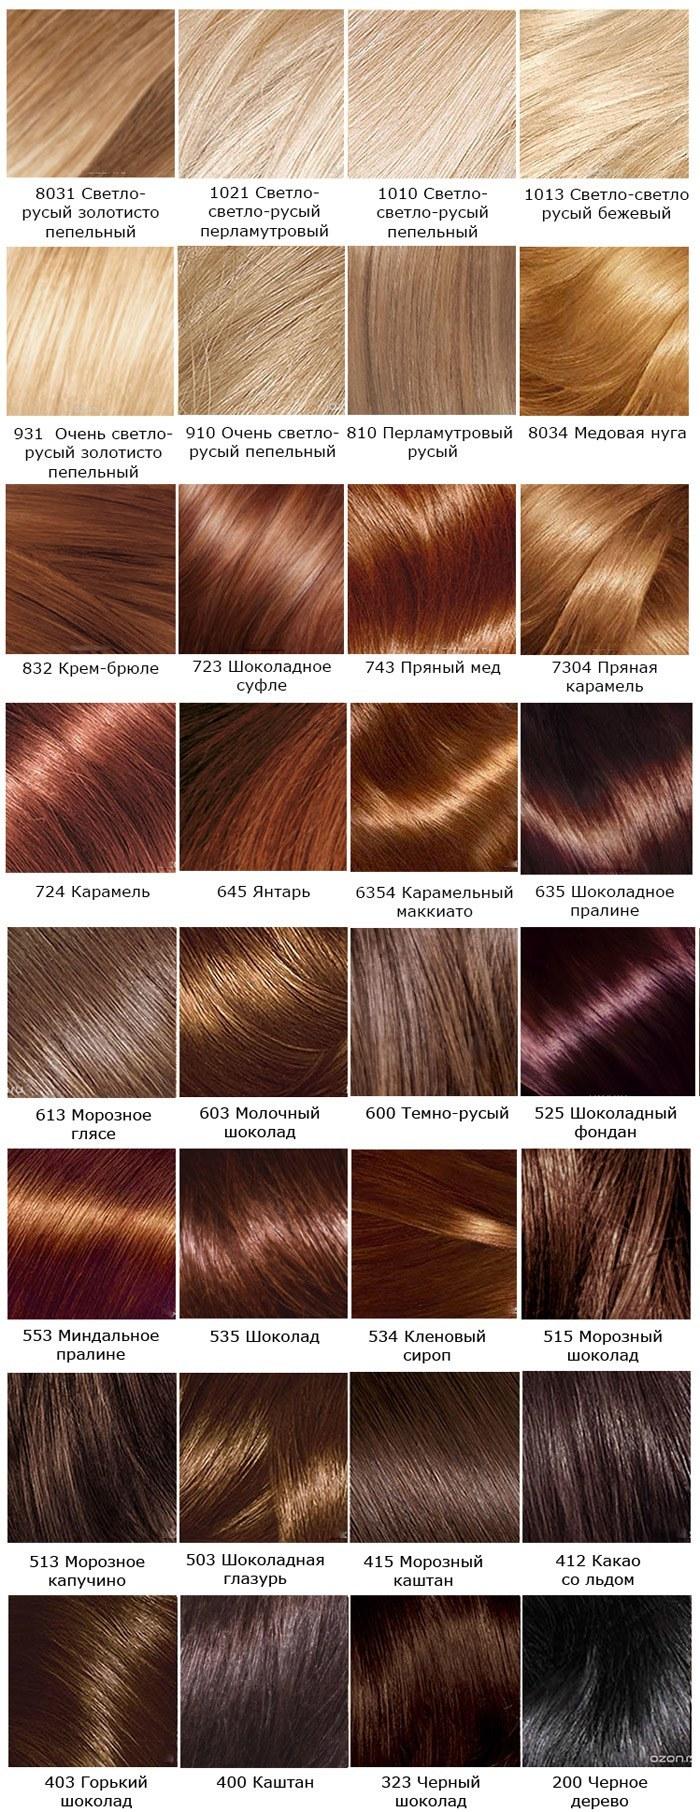 Краска для волос карамель палитра цветов фото отзывы